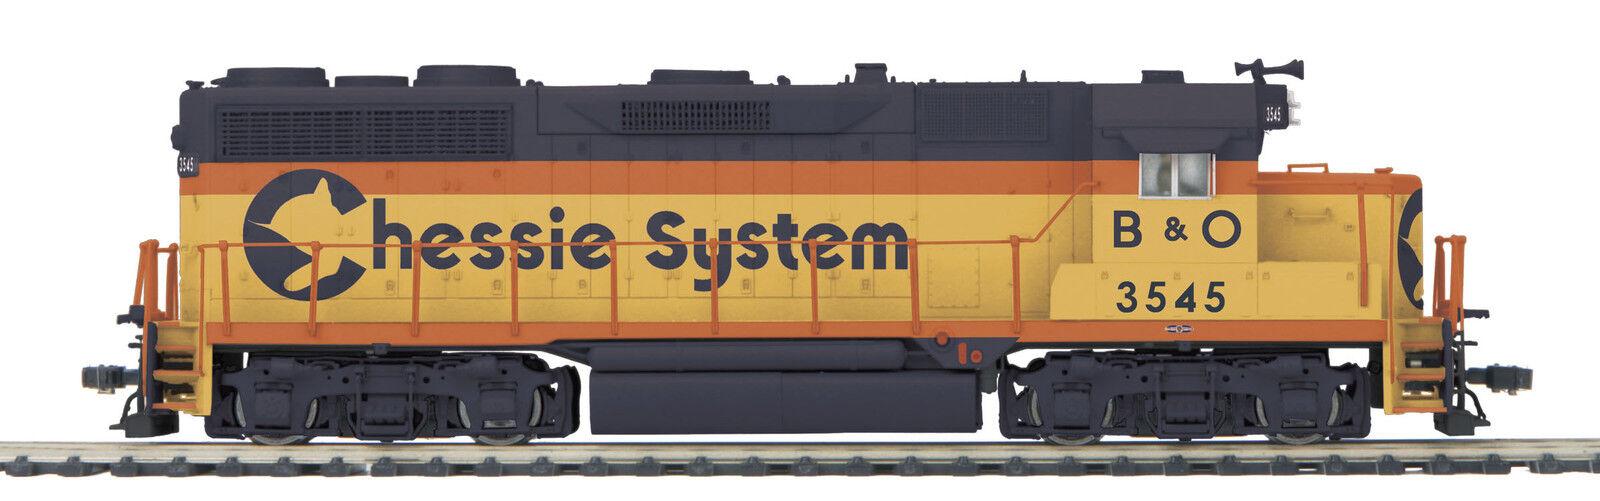 MTH HO Trains Chessie B&O GP-35 Diesel Engine DCC Ready 80-2230-0